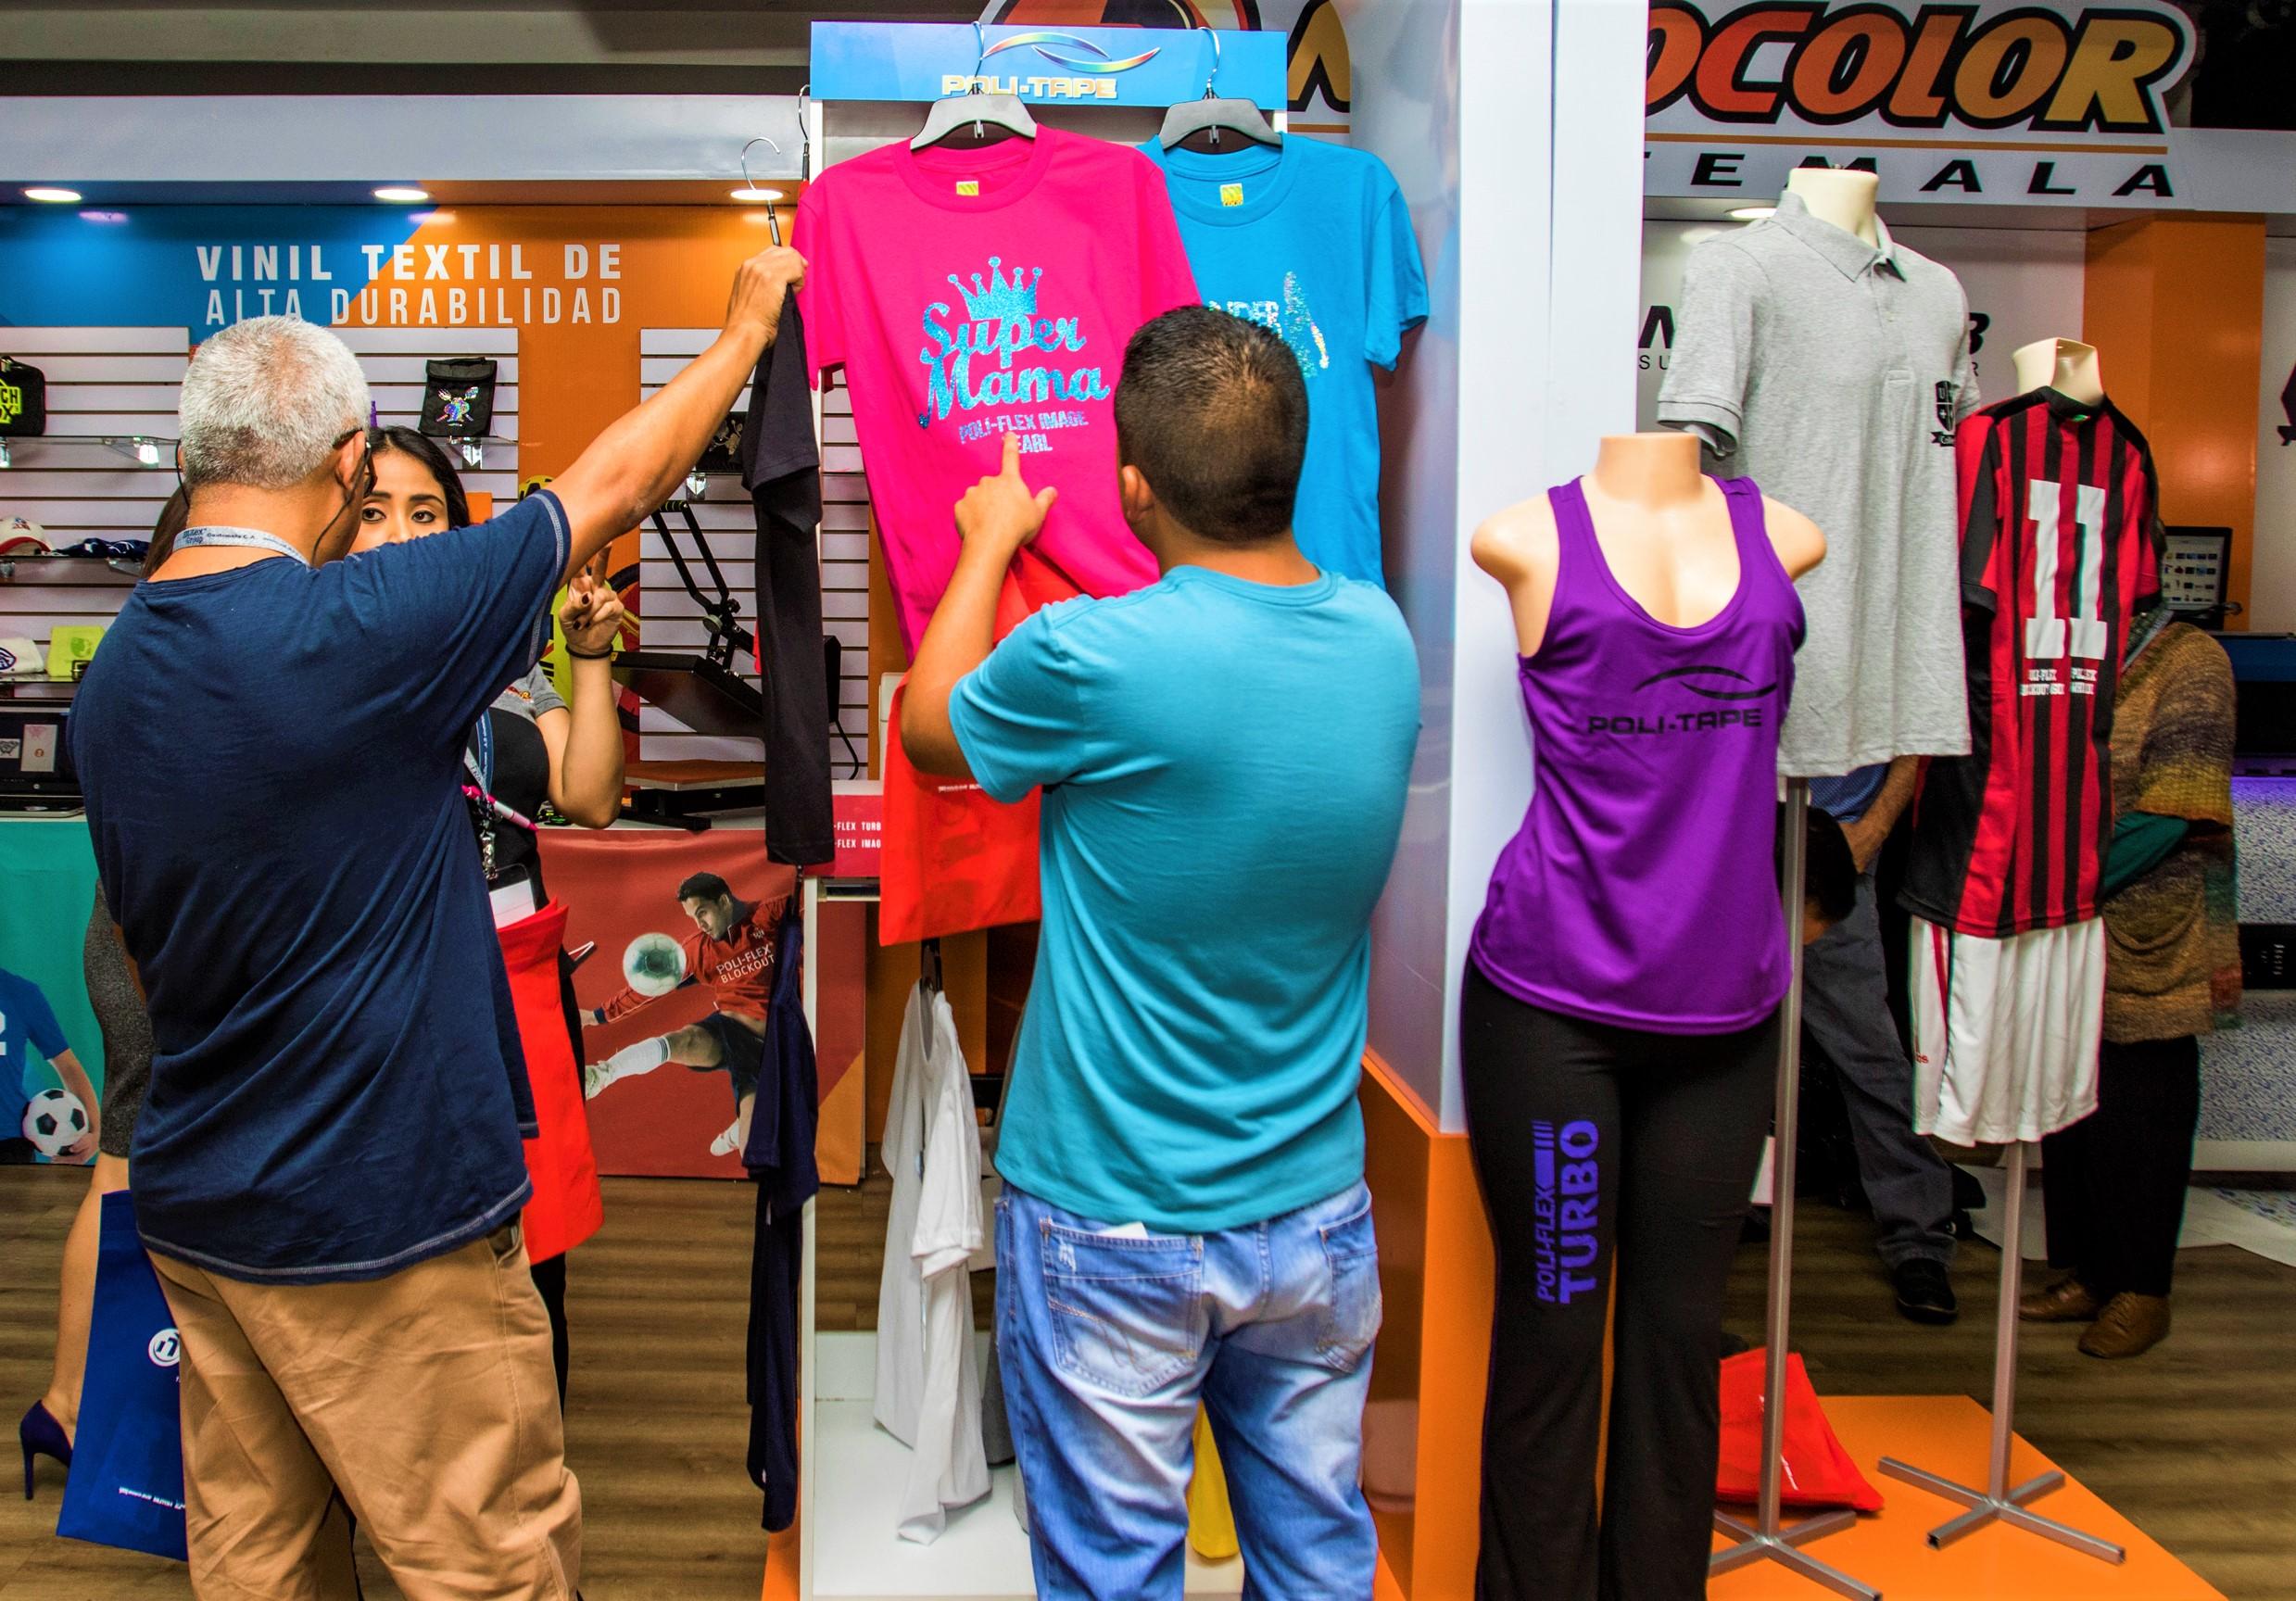 La industria textil en Guatemala está en auge, sin embargo, no todo el impacto positivo se queda en Guatemala. (Foto Prensa Libre: Cortesía)